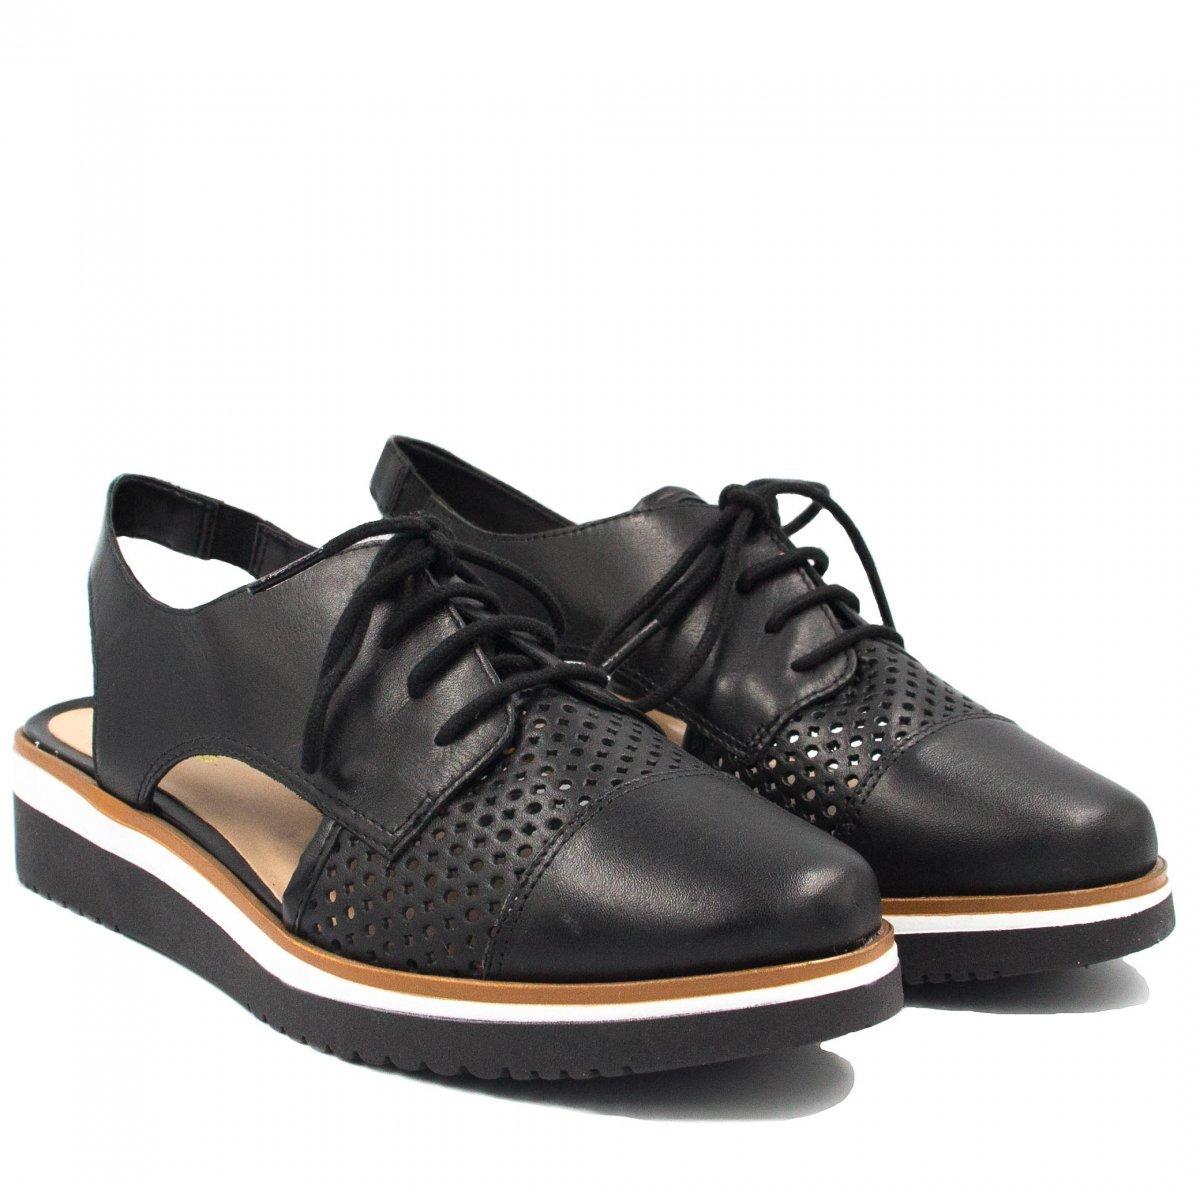 fbbc448ca6 sapato zariff shoes oxford vazado preto 20537a. Carregando zoom.